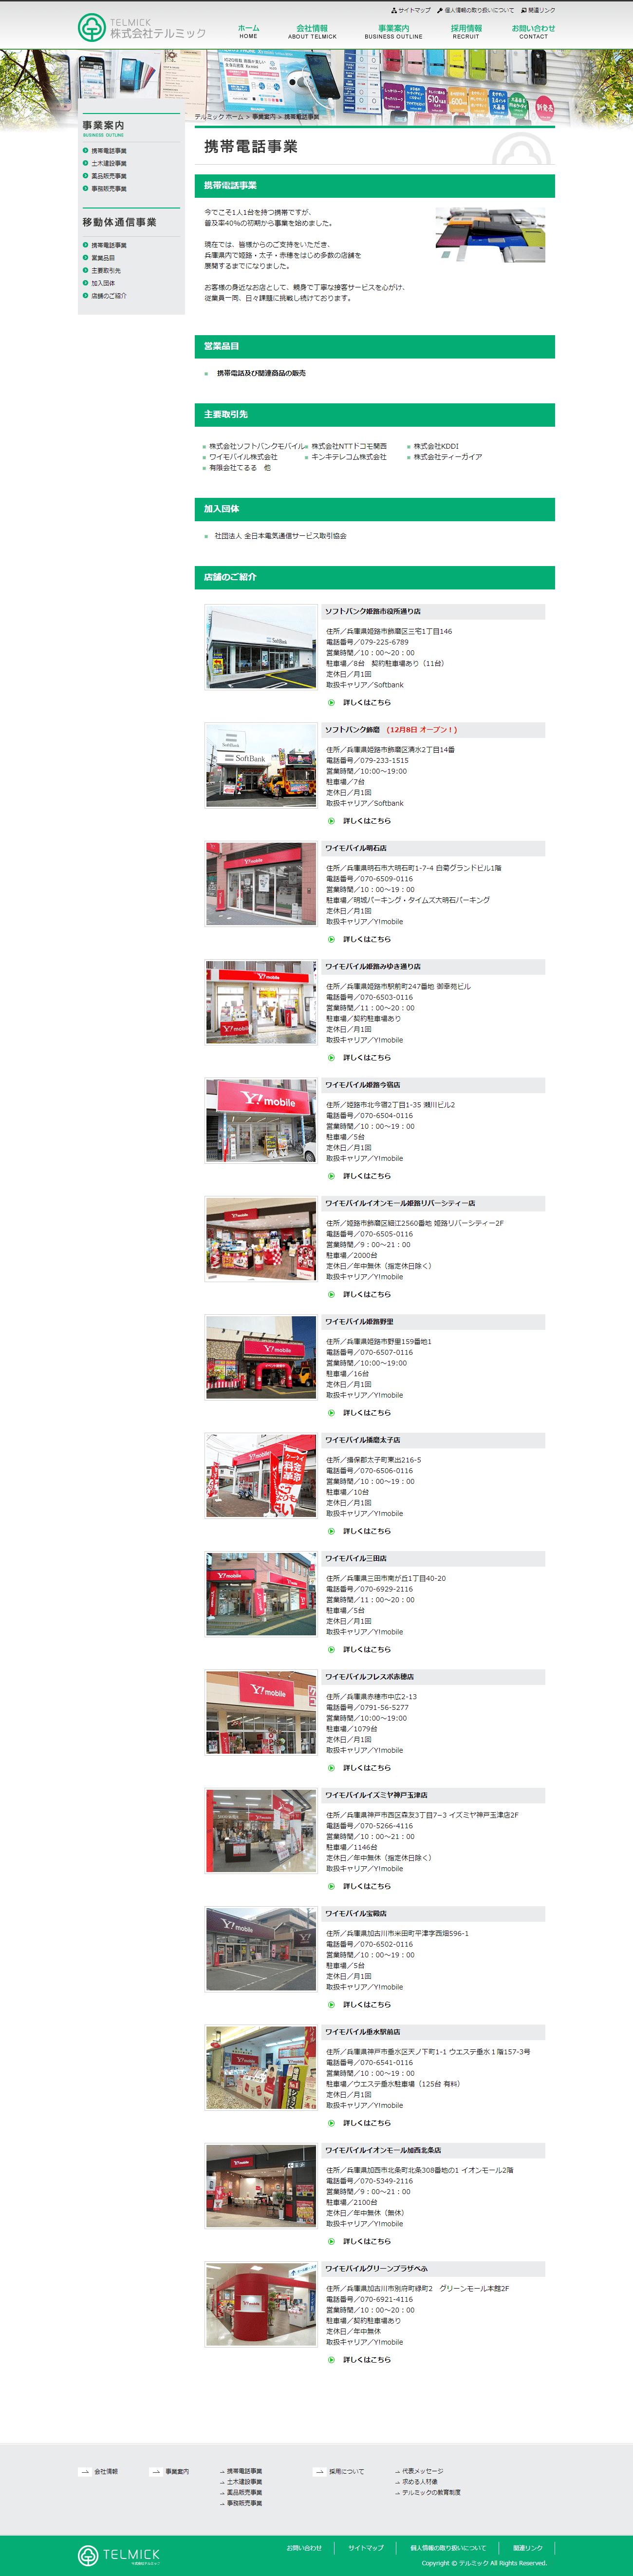 姫路市白浜町甲 株式会社テルミック様 ホームページ制作2